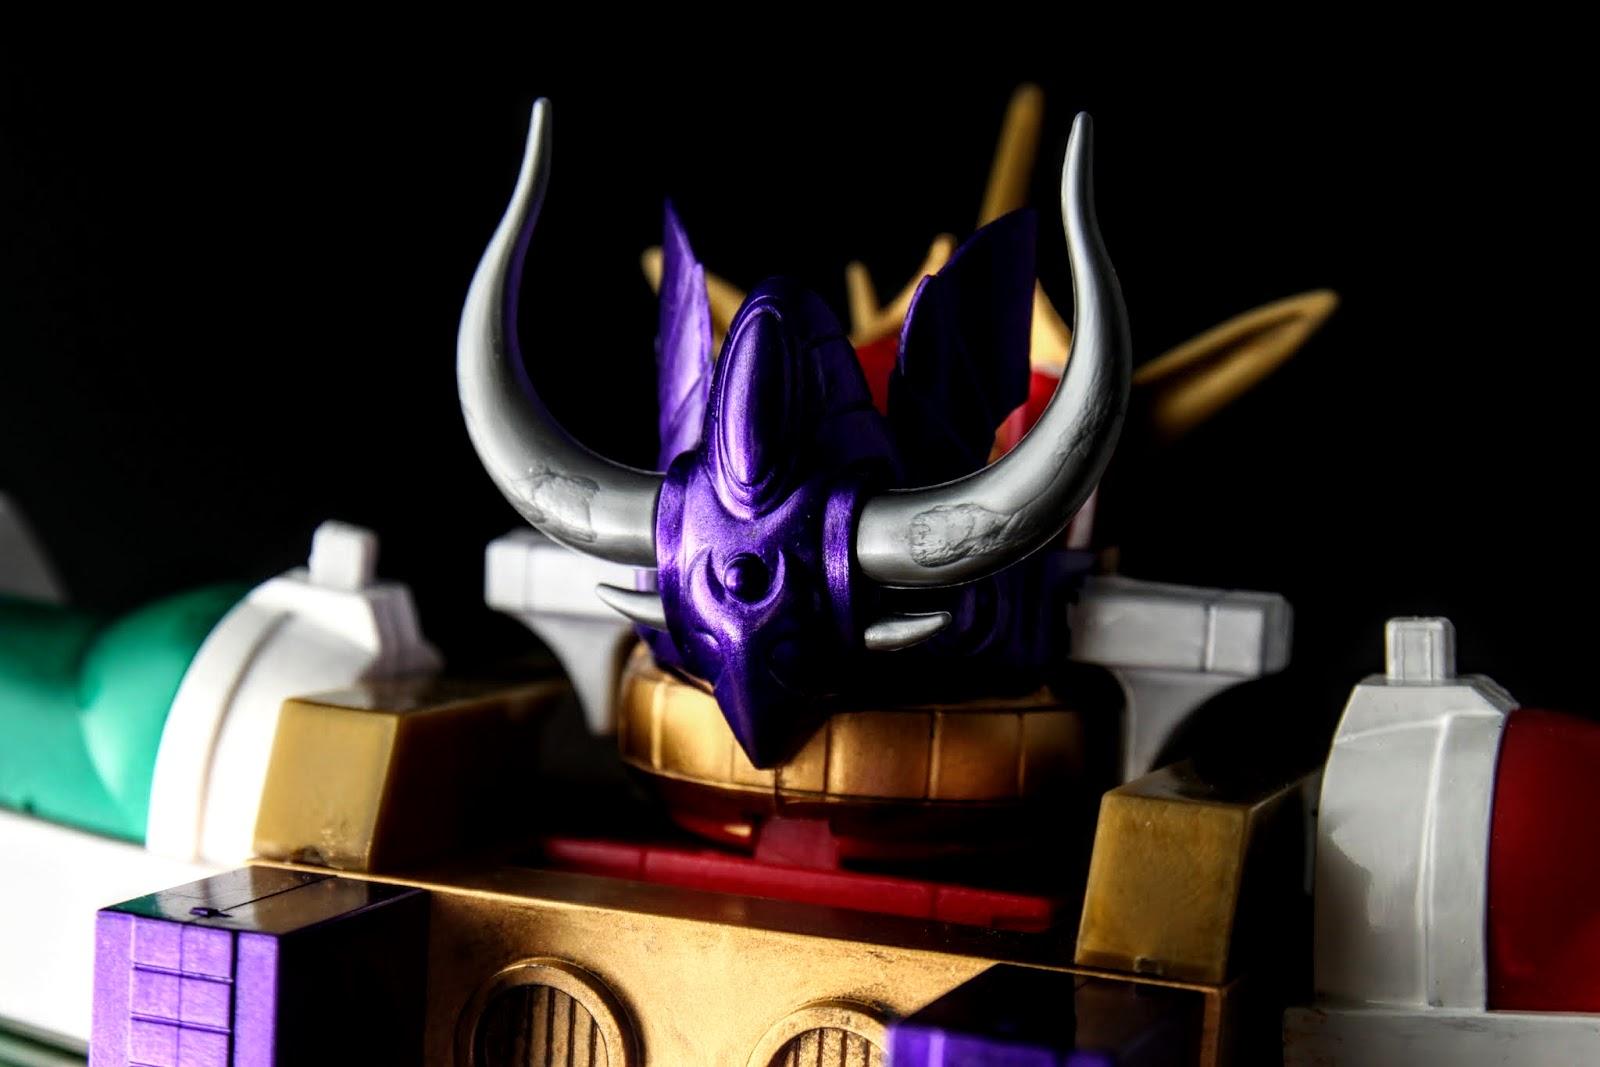 闇機甲神ガンジェノサイダー用的皇冠,但身為核心的影機甲神カオスガイヤー並沒有翻模,正版的已絕版超貴~這紫色好漂亮